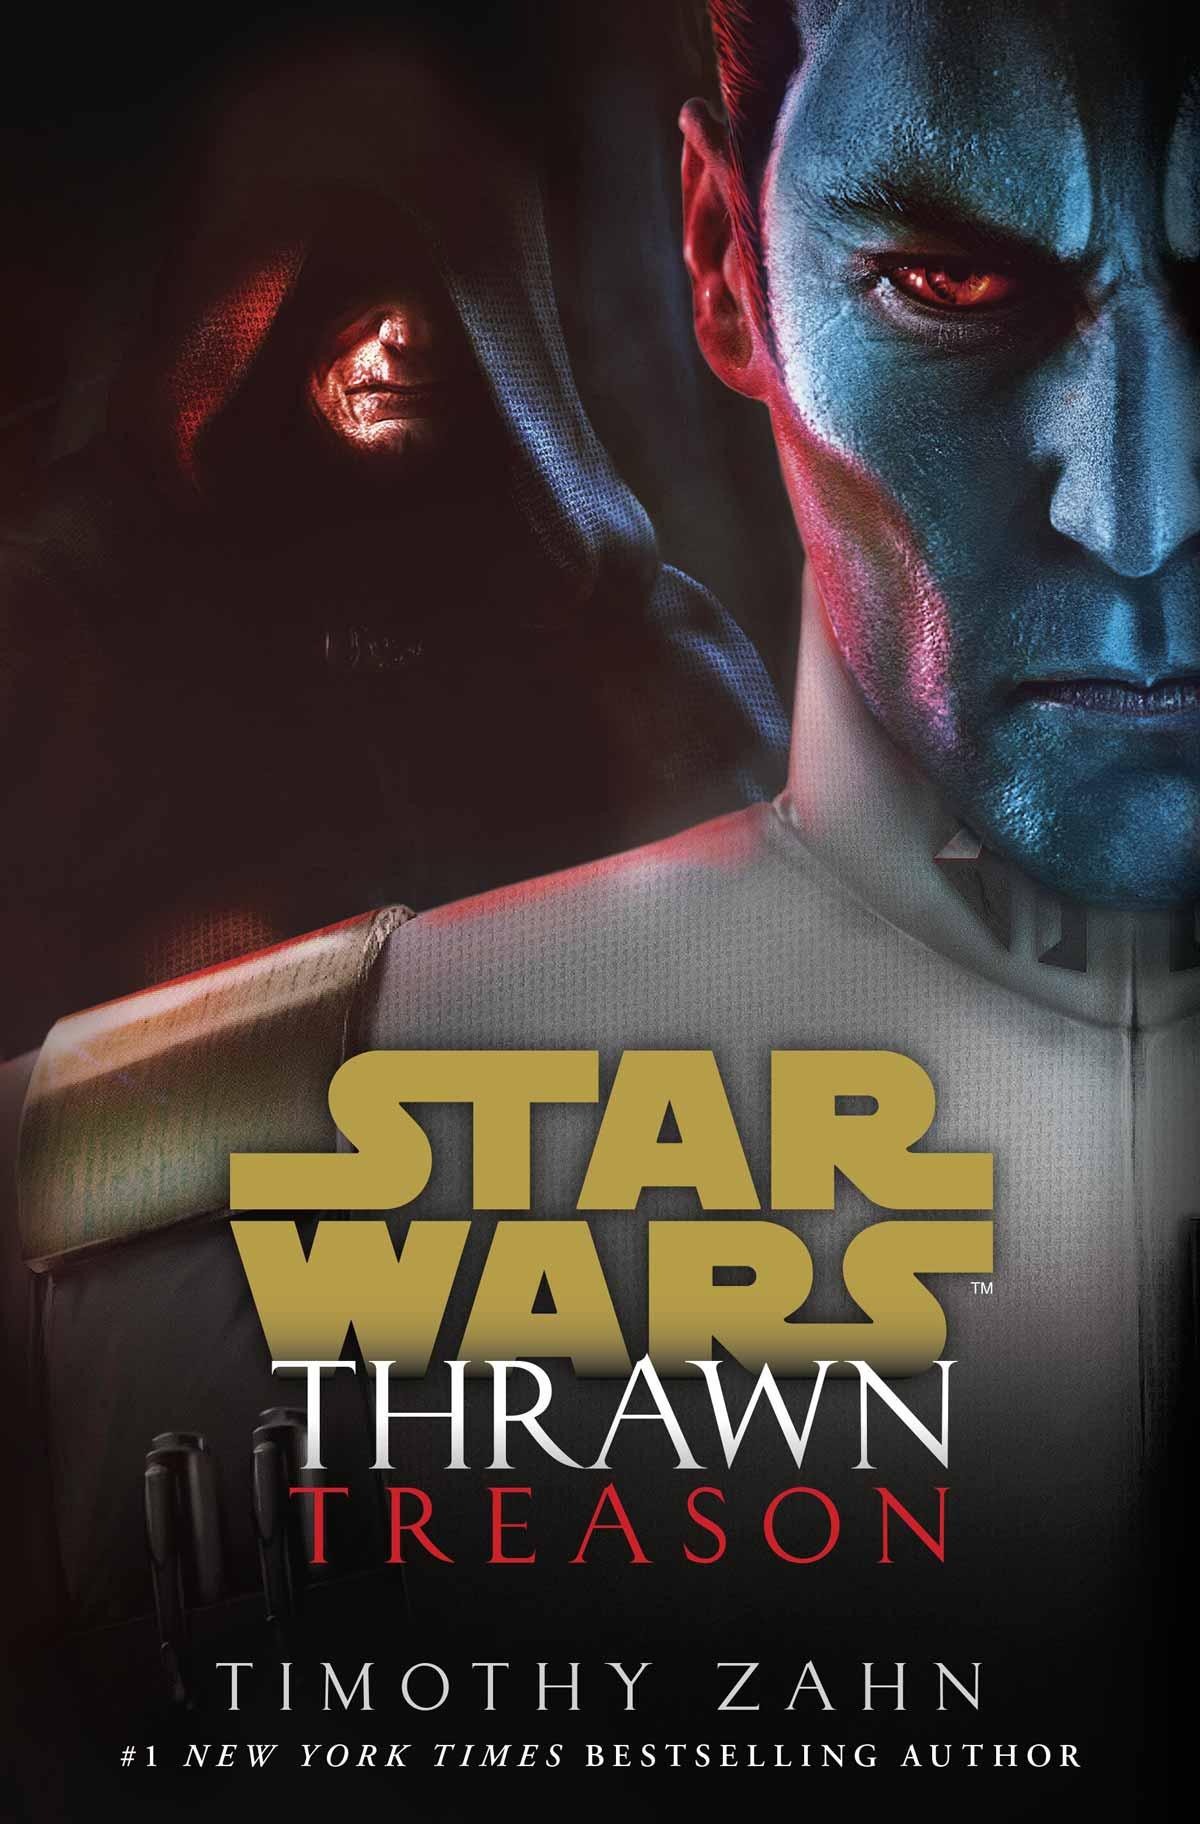 star wars. Thrawn. Treason